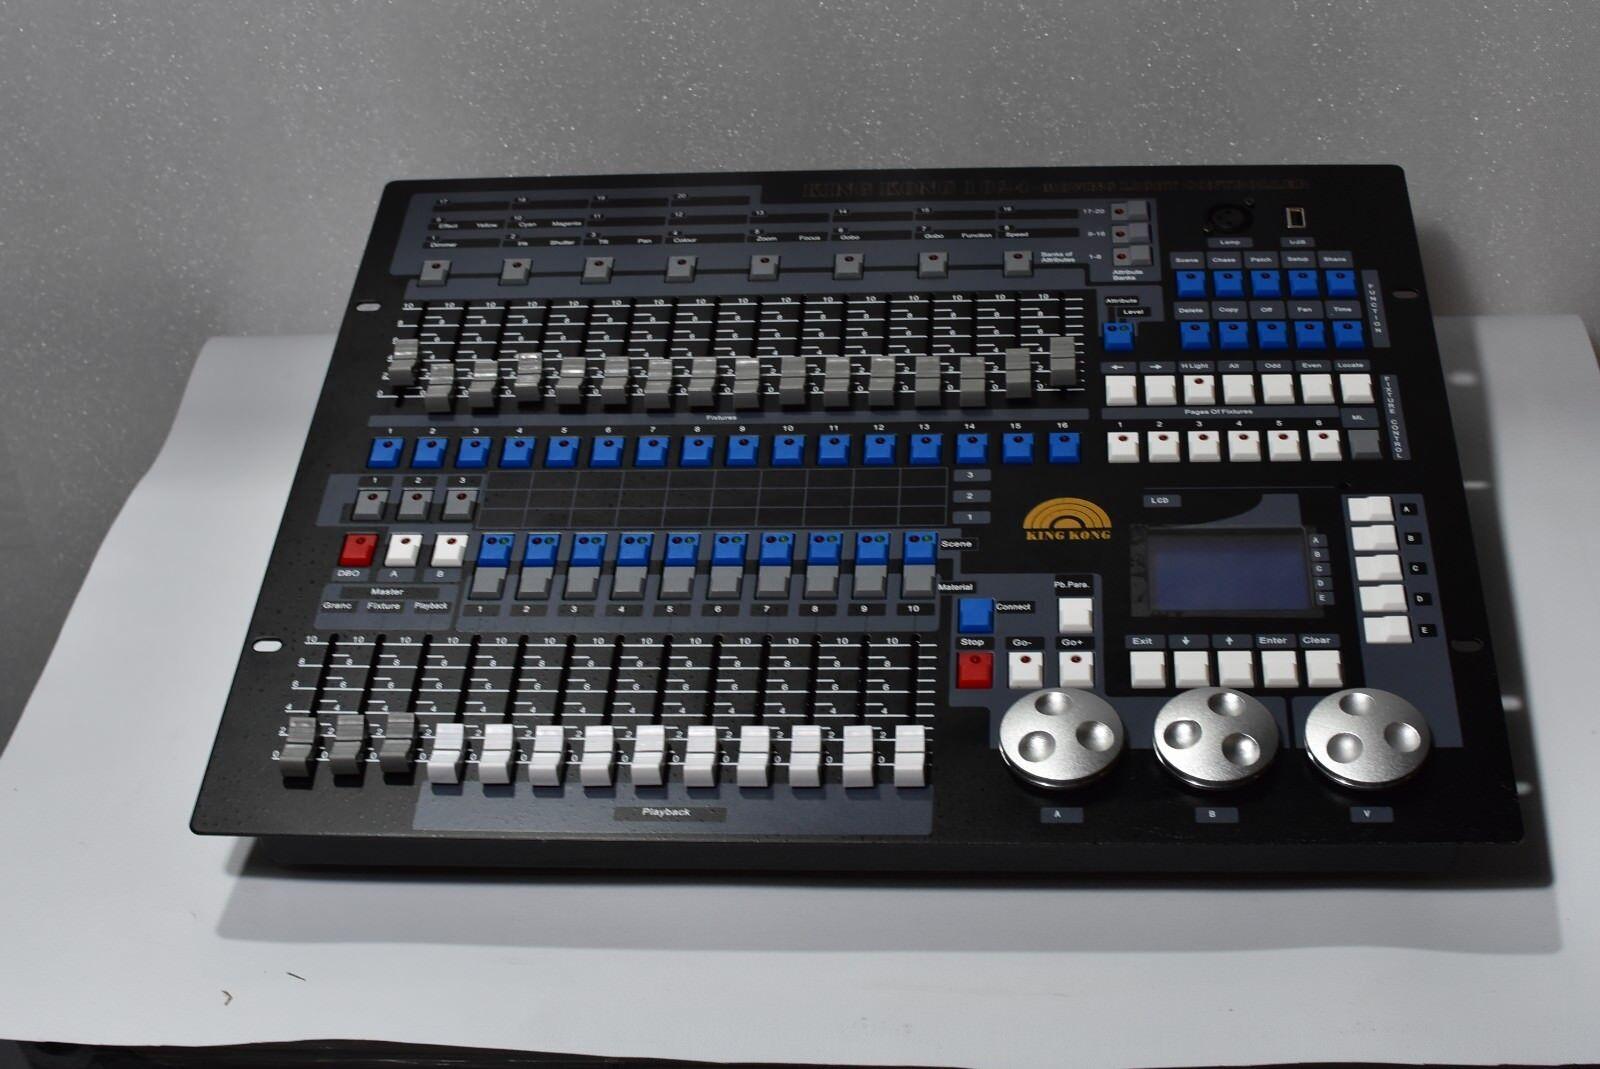 Dj Ausrüstung King kong 1024 dmx Controller Beleuchtungskonsole dmx512 ccontrol